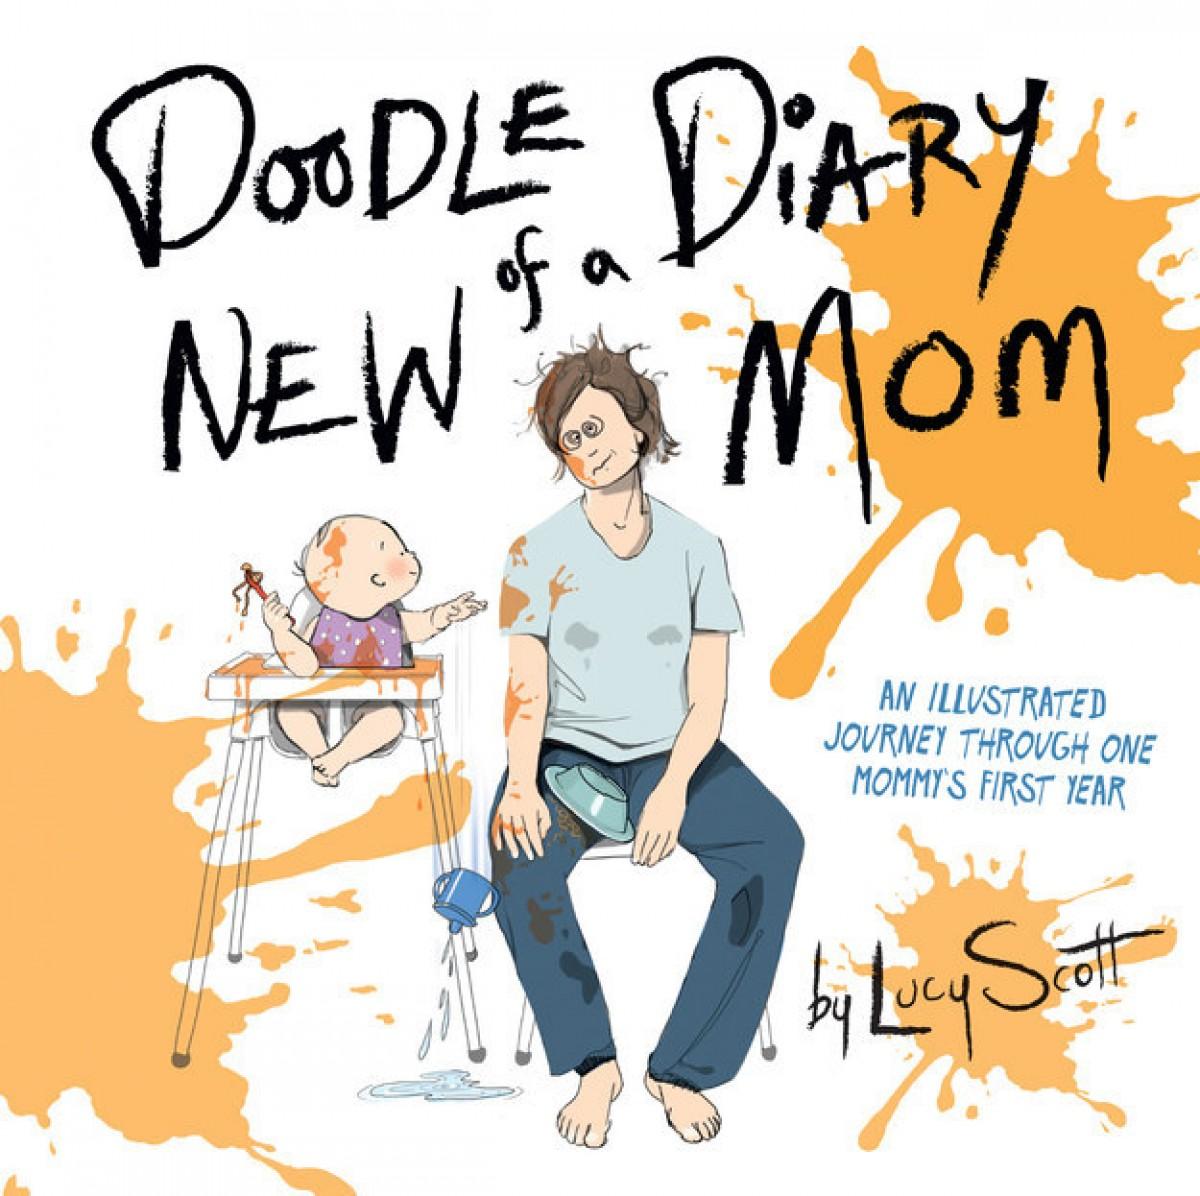 Μια μαμά αποτυπώνει τον πρώτο της χρόνο στη μητρότητα σε χιουμοριστικά σκίτσα